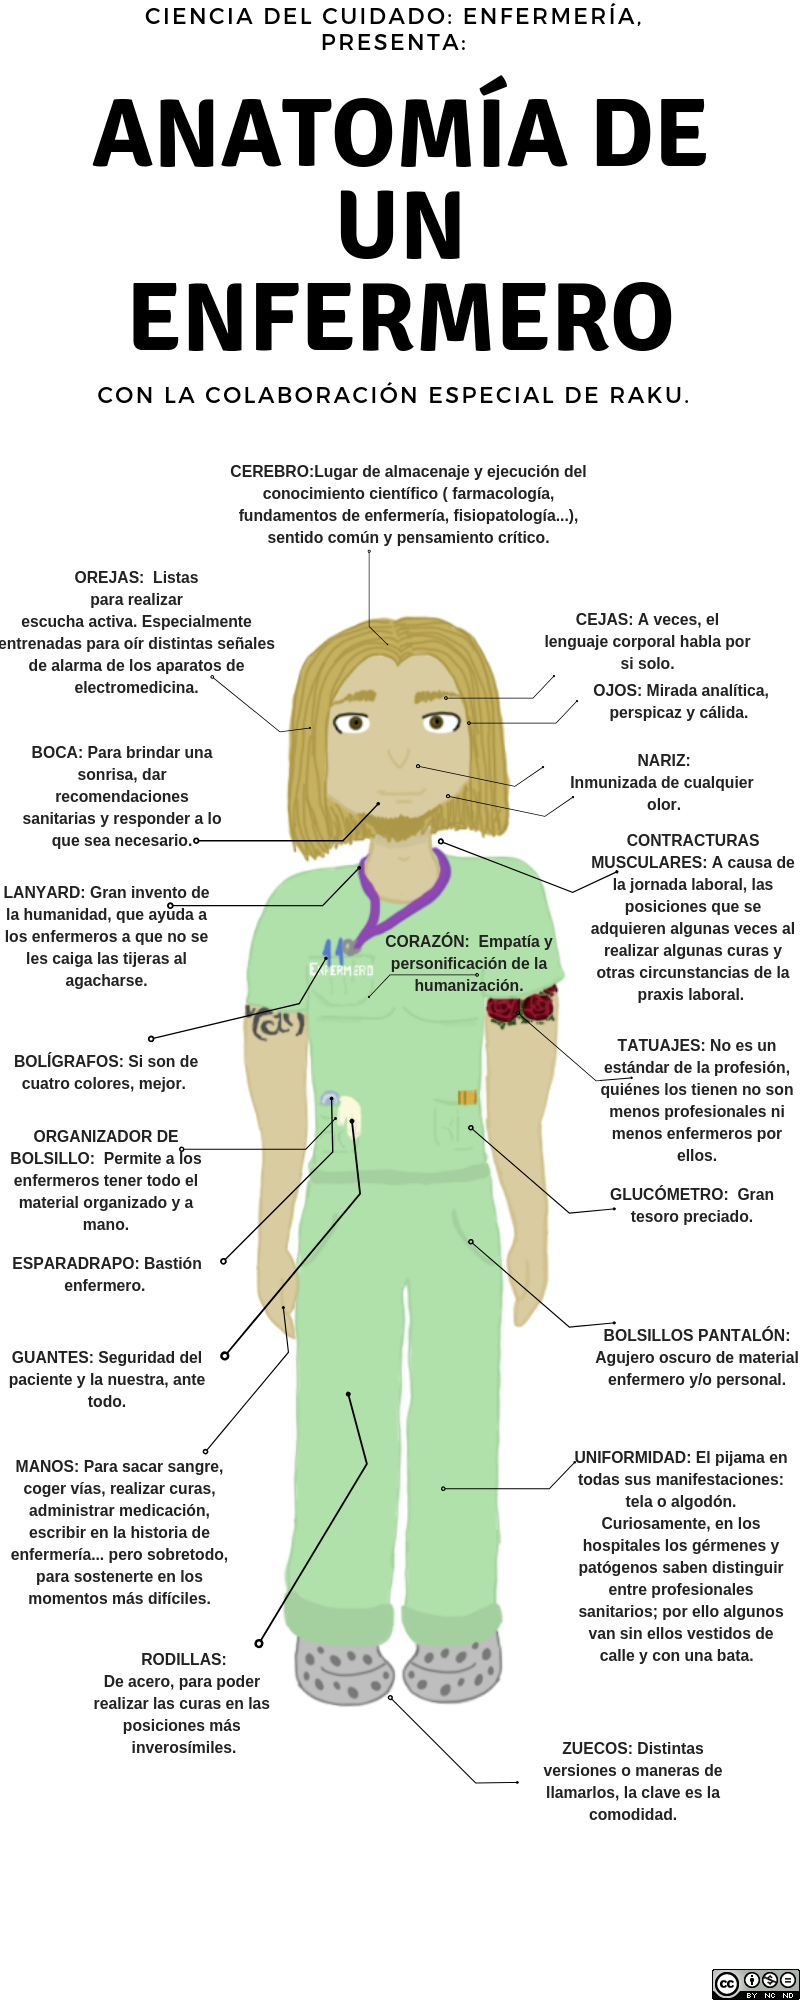 CIENCIA DEL CUIDADO ENFERMERÍA PRESENTA_.png